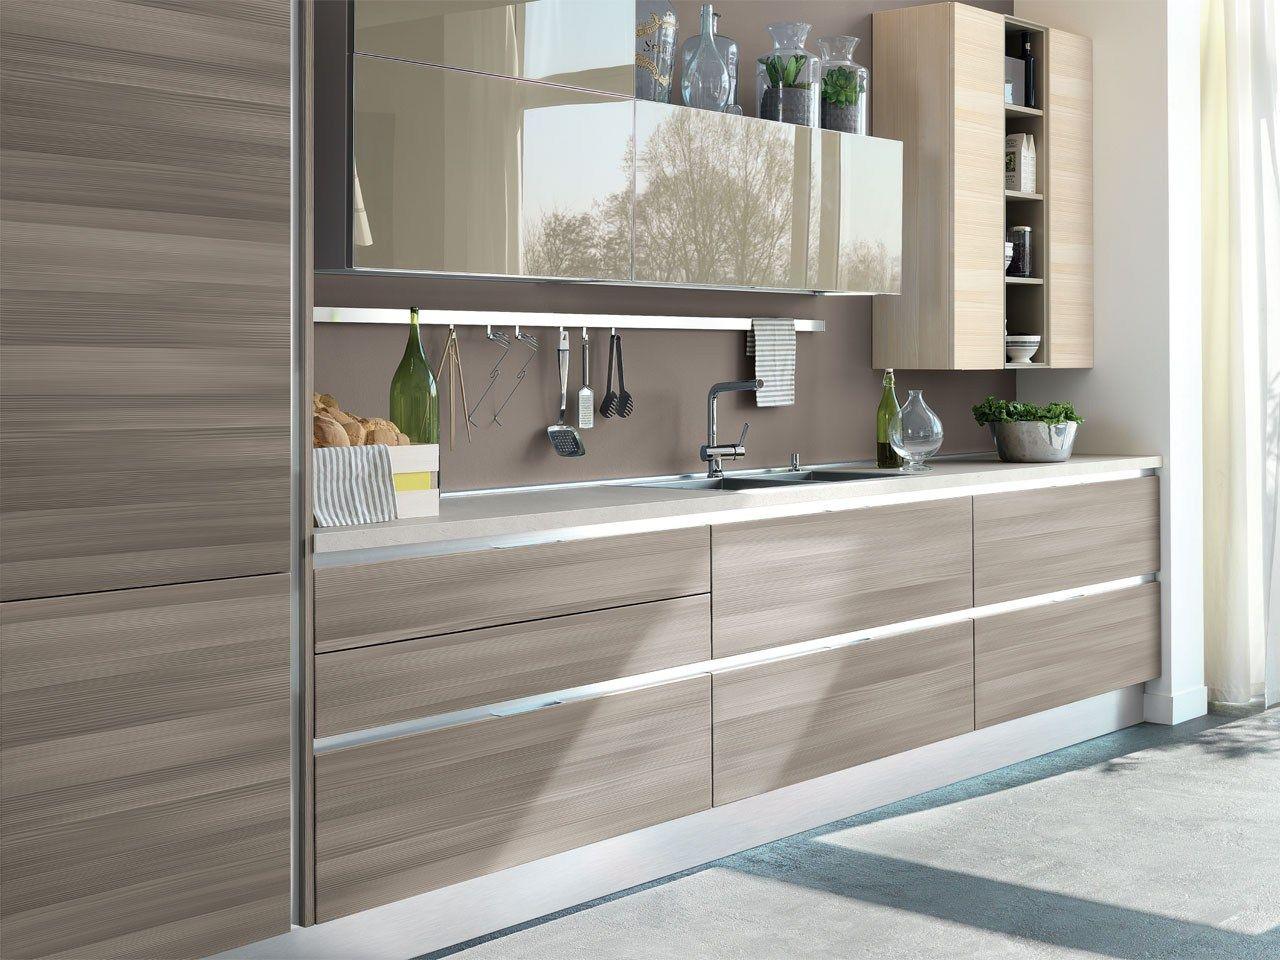 Beautiful Cucine Lube Recensioni Pictures - Ideas & Design 2017 ...